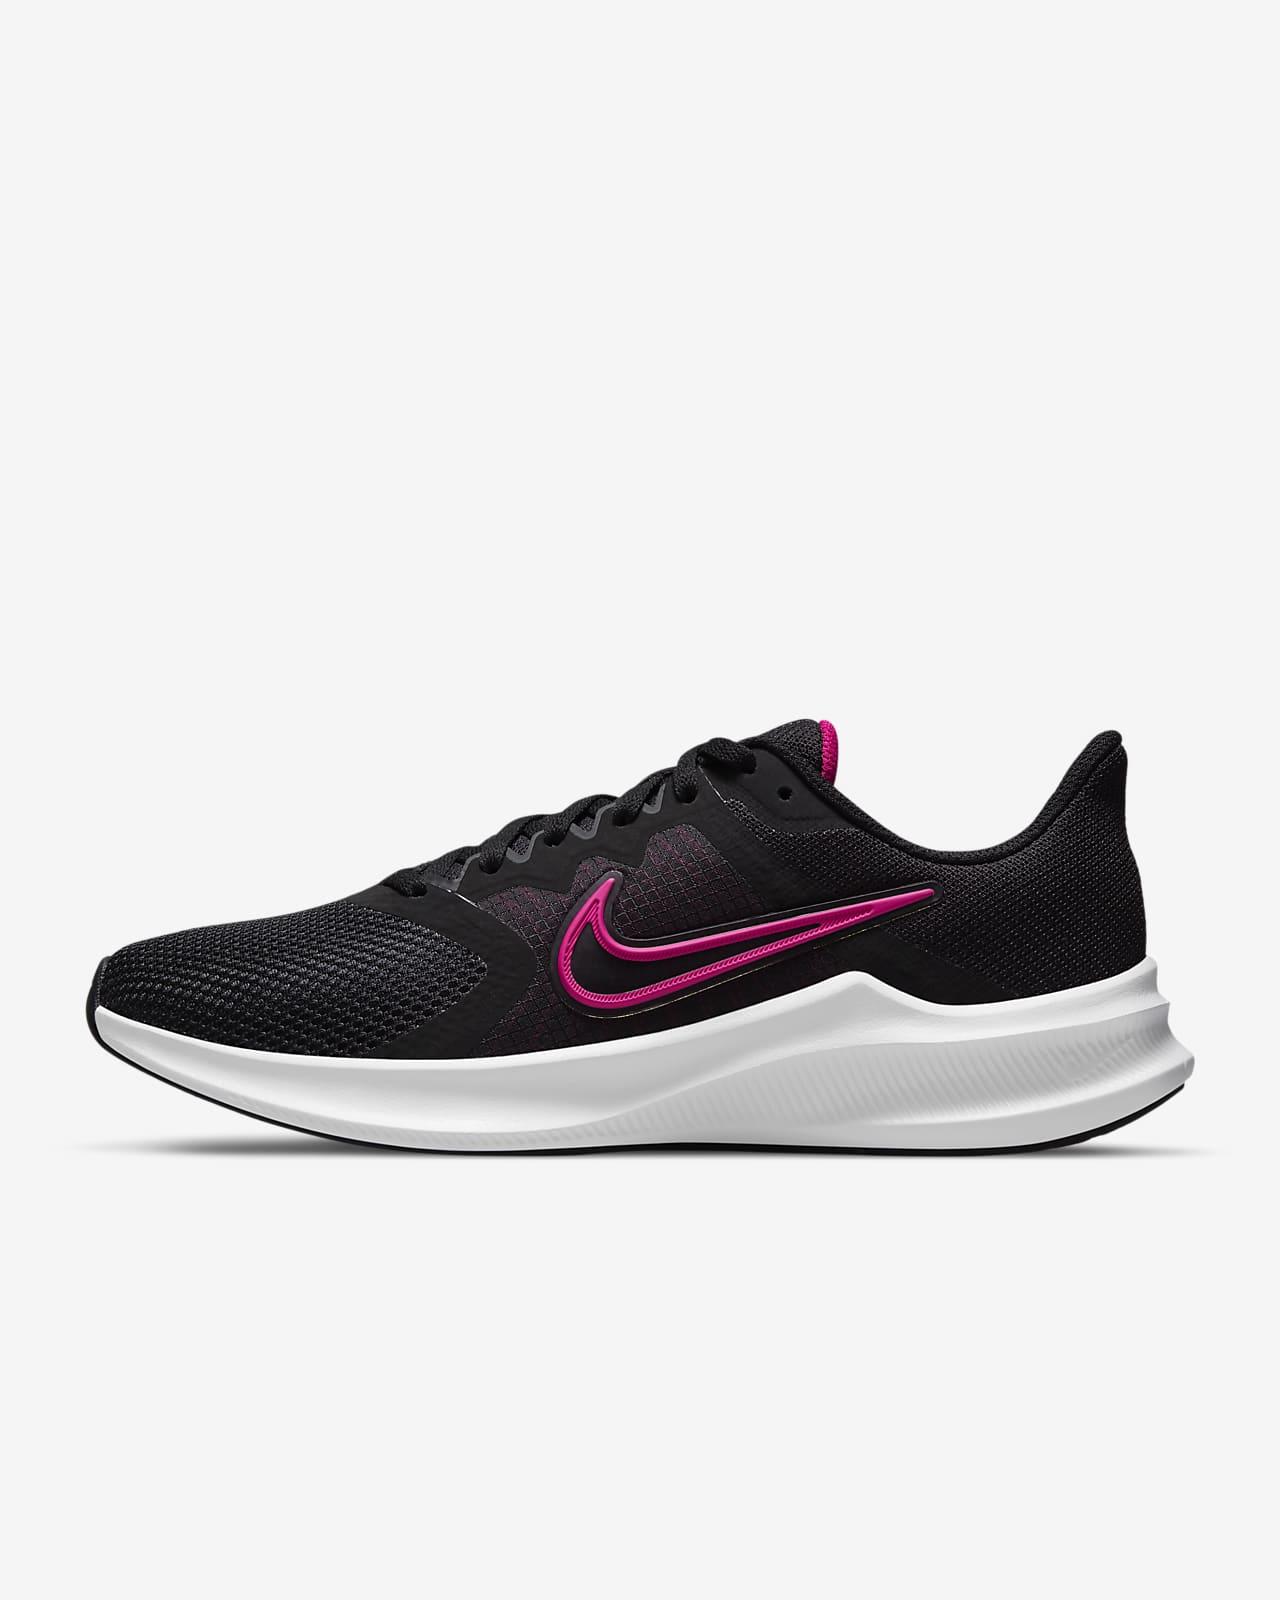 Nike Downshifter 11 Zapatillas de running - Mujer